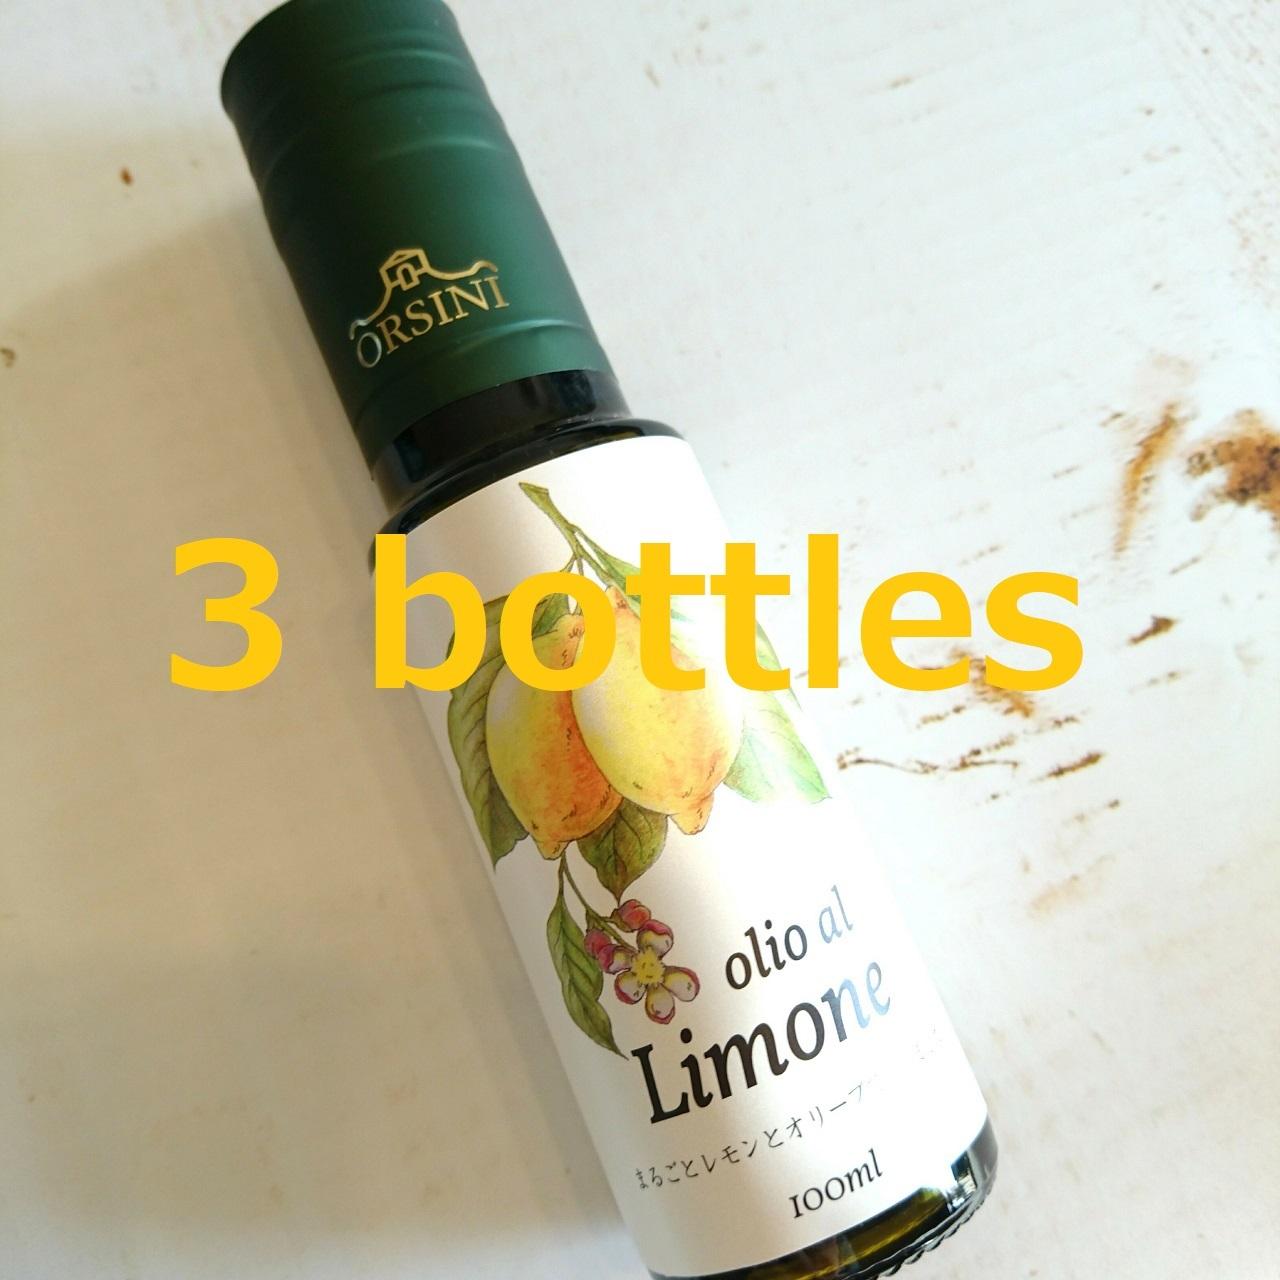 【'19-20 】《3本セット》 100mlまるごとレモンで搾ったレモンフレーバーオリーブオイル